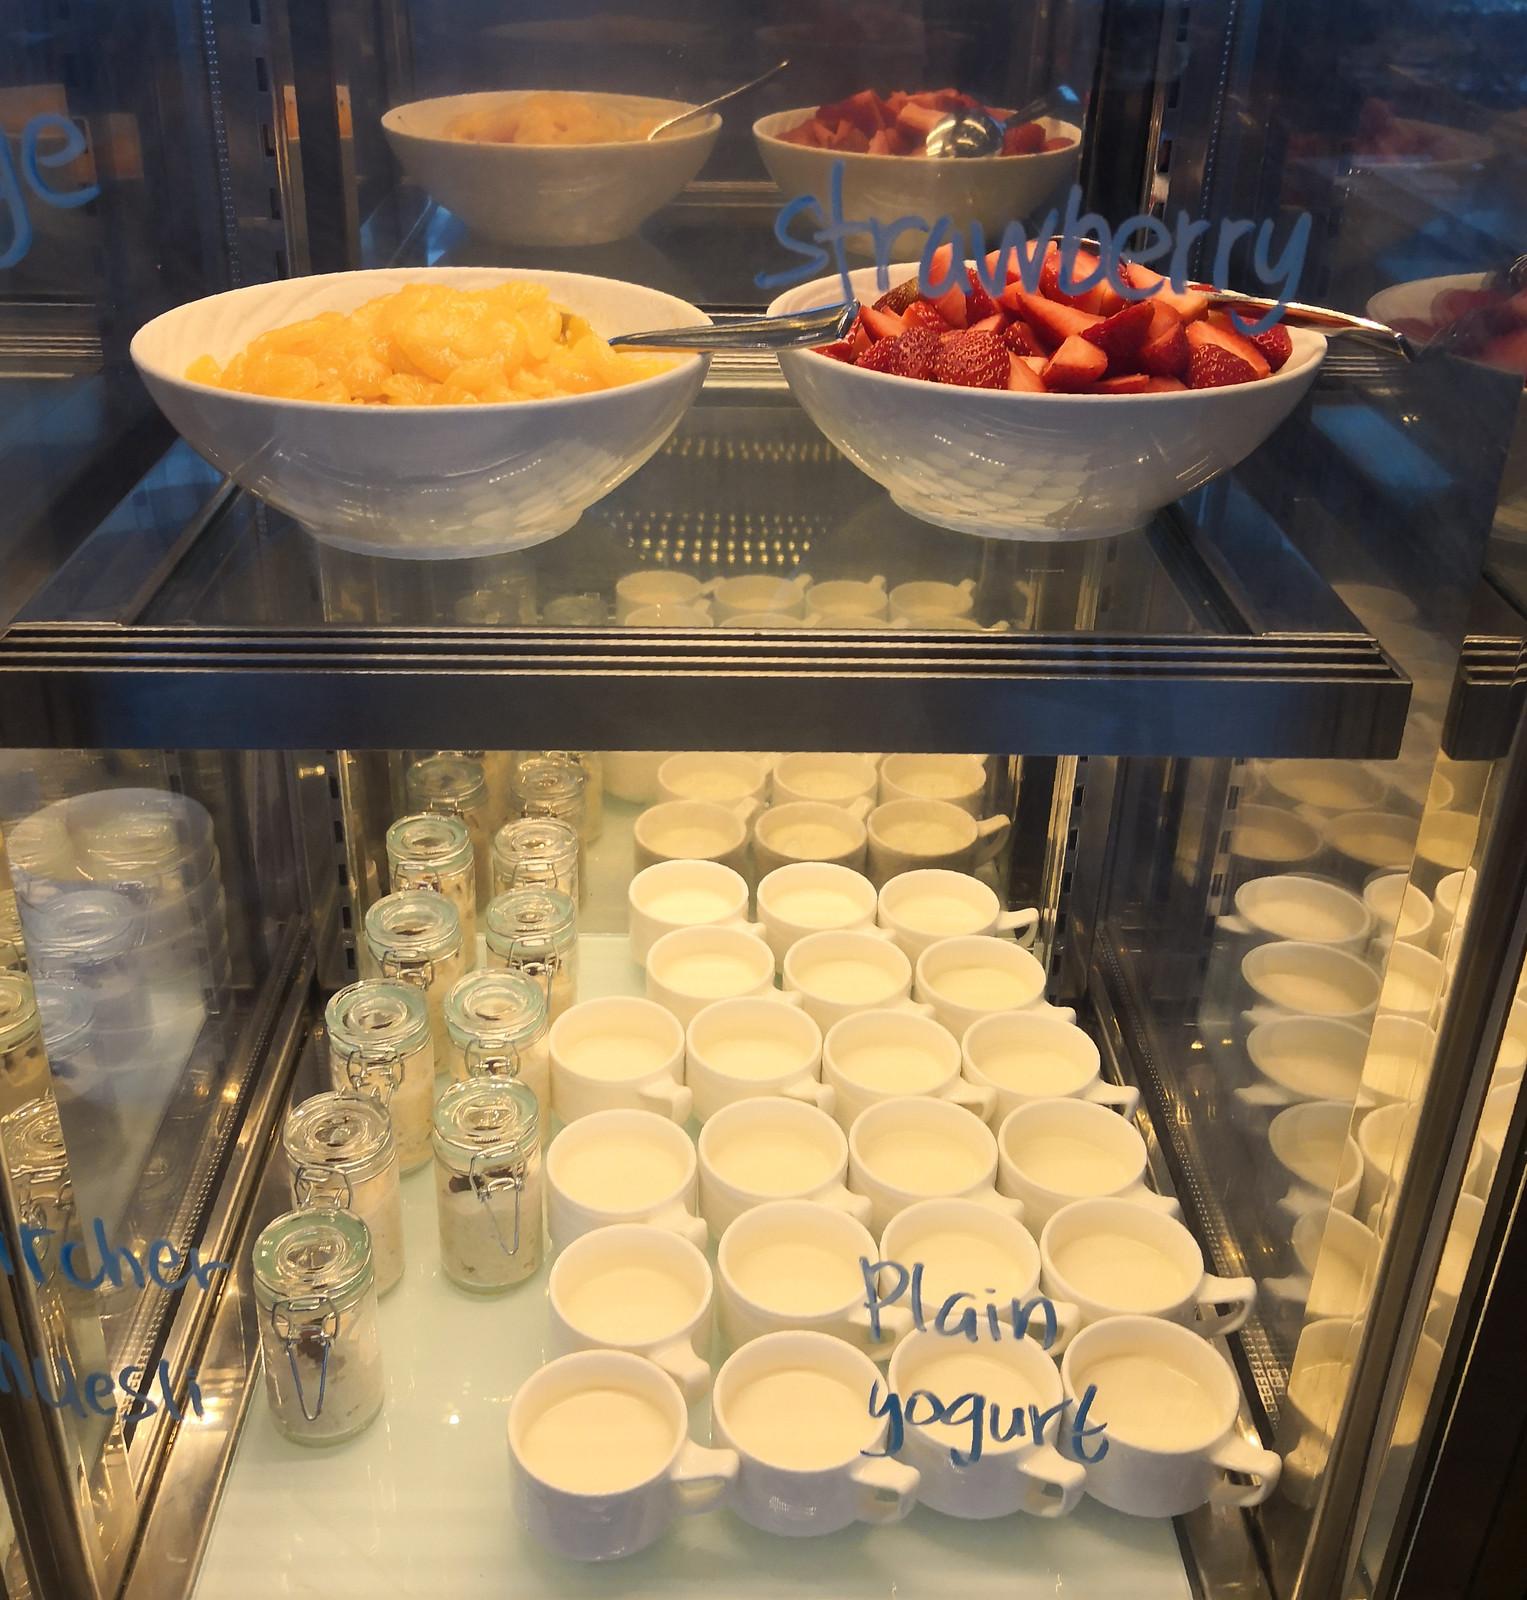 Yogurt and muesli with fruits